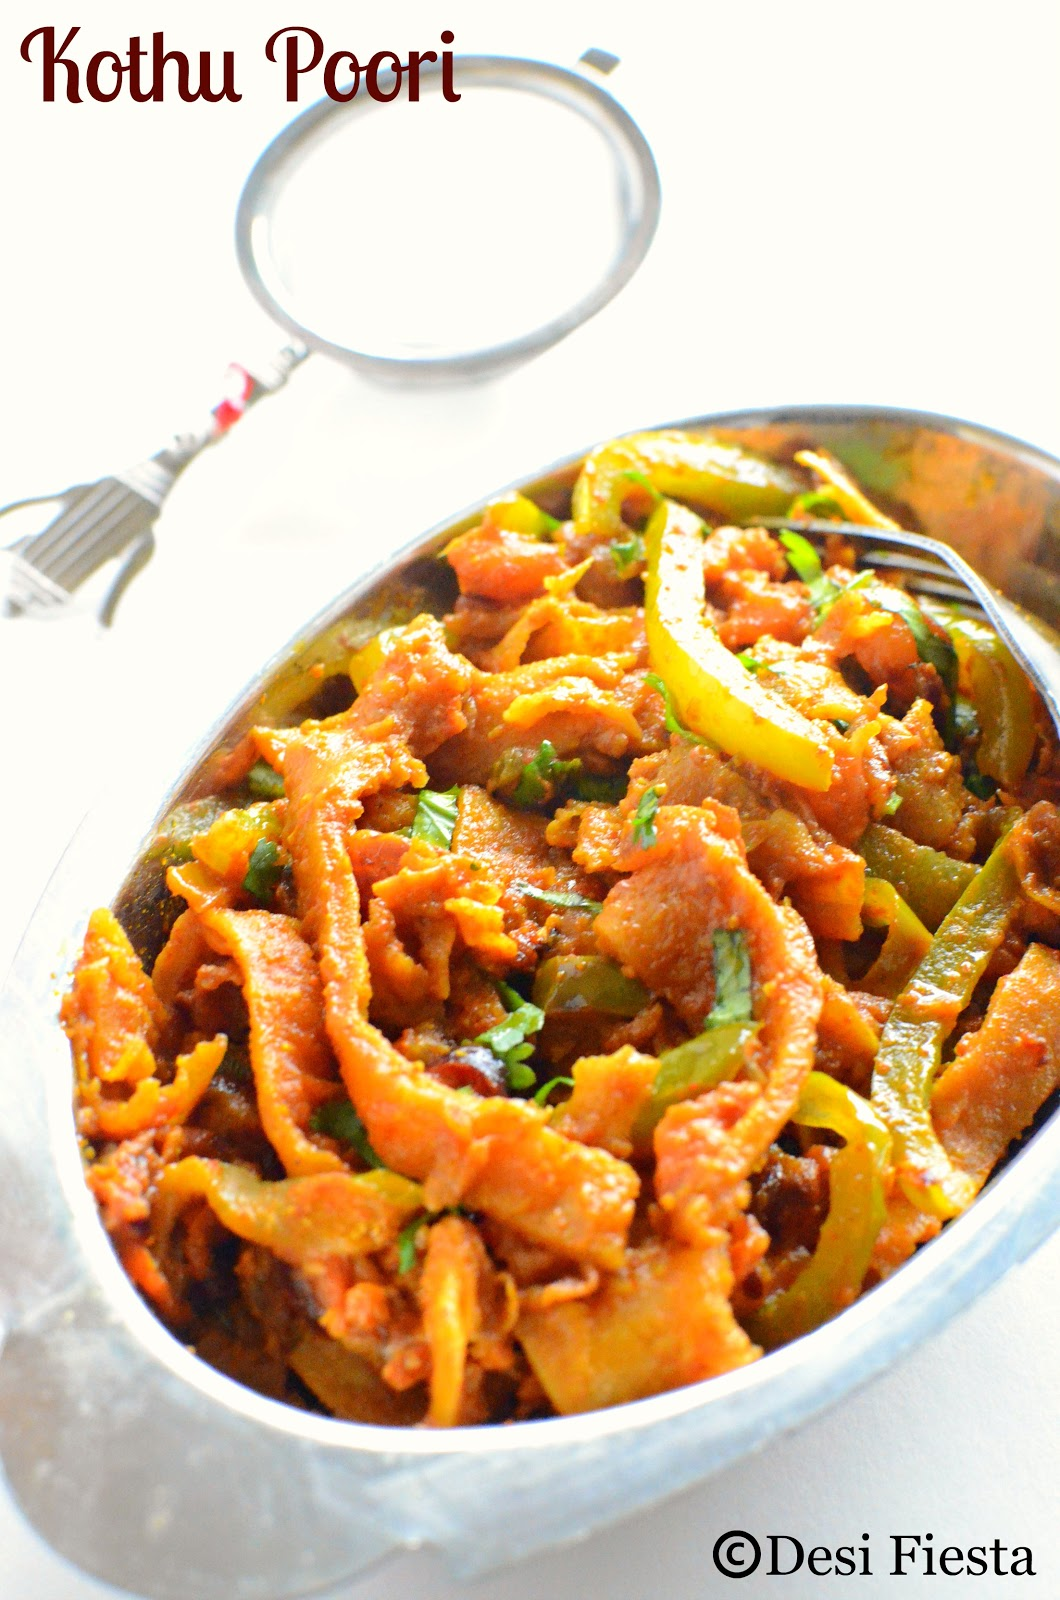 Kothu Poori recipe